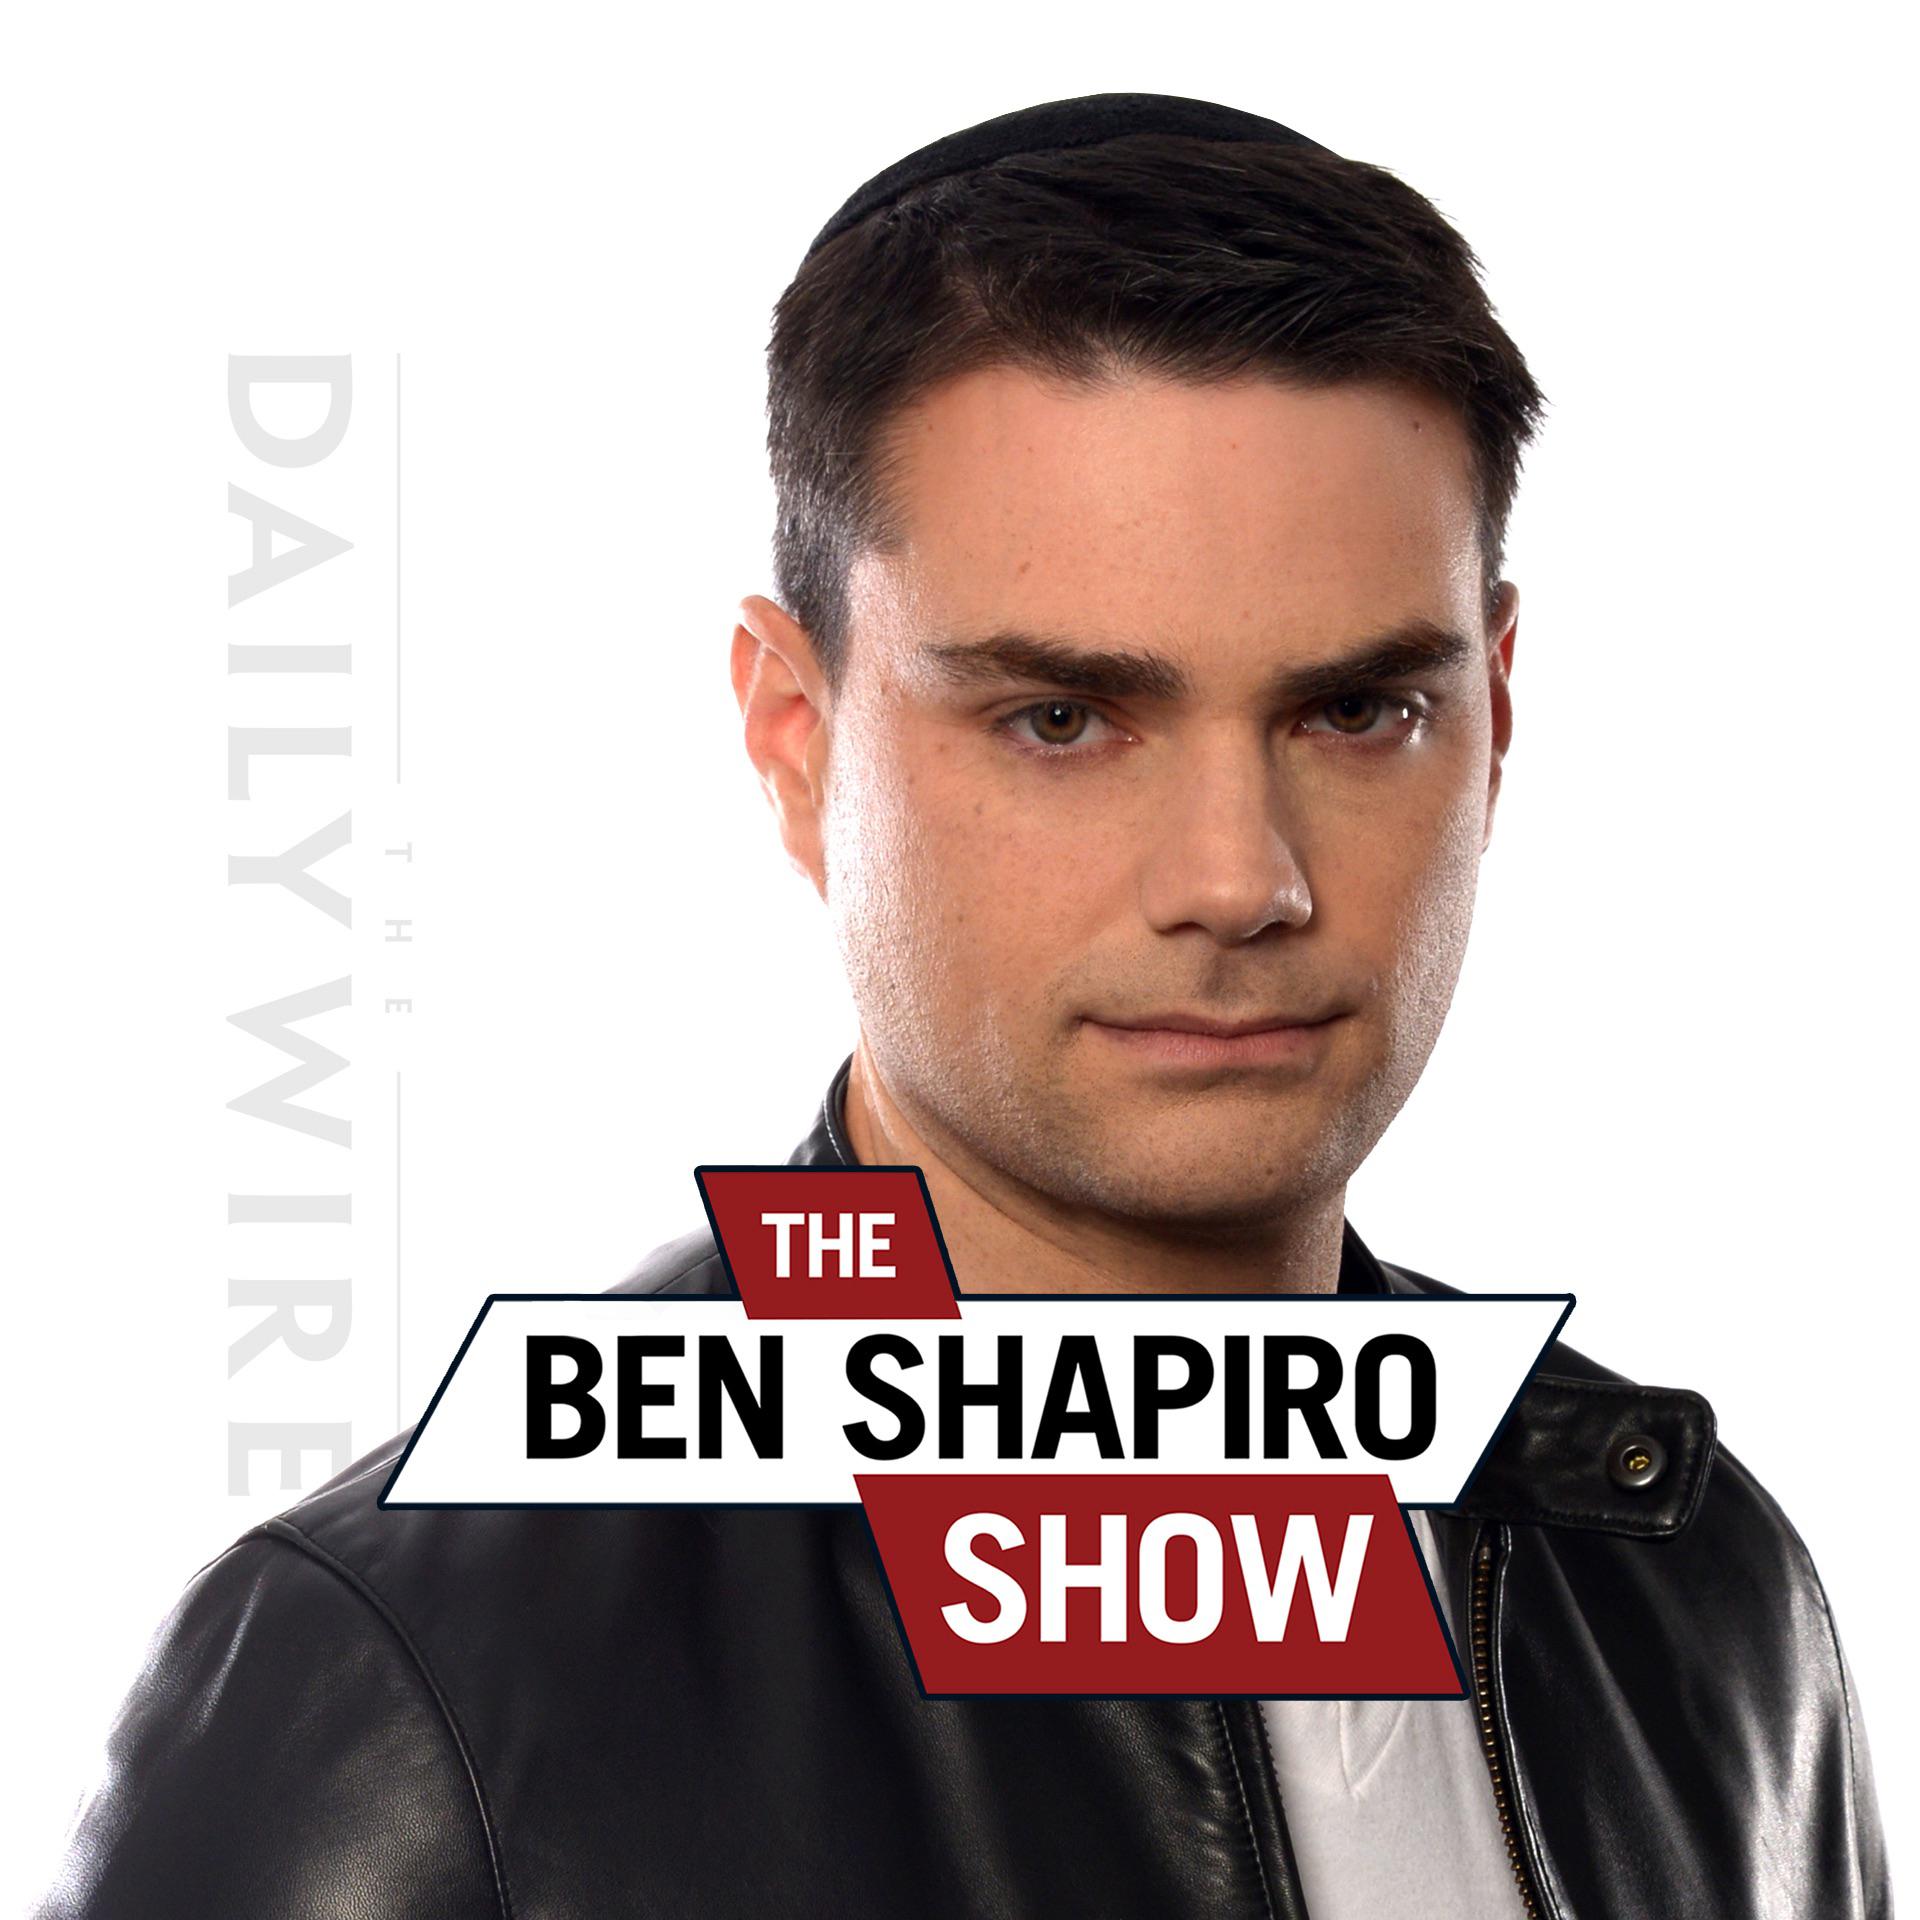 BenShapiroShow.jpg